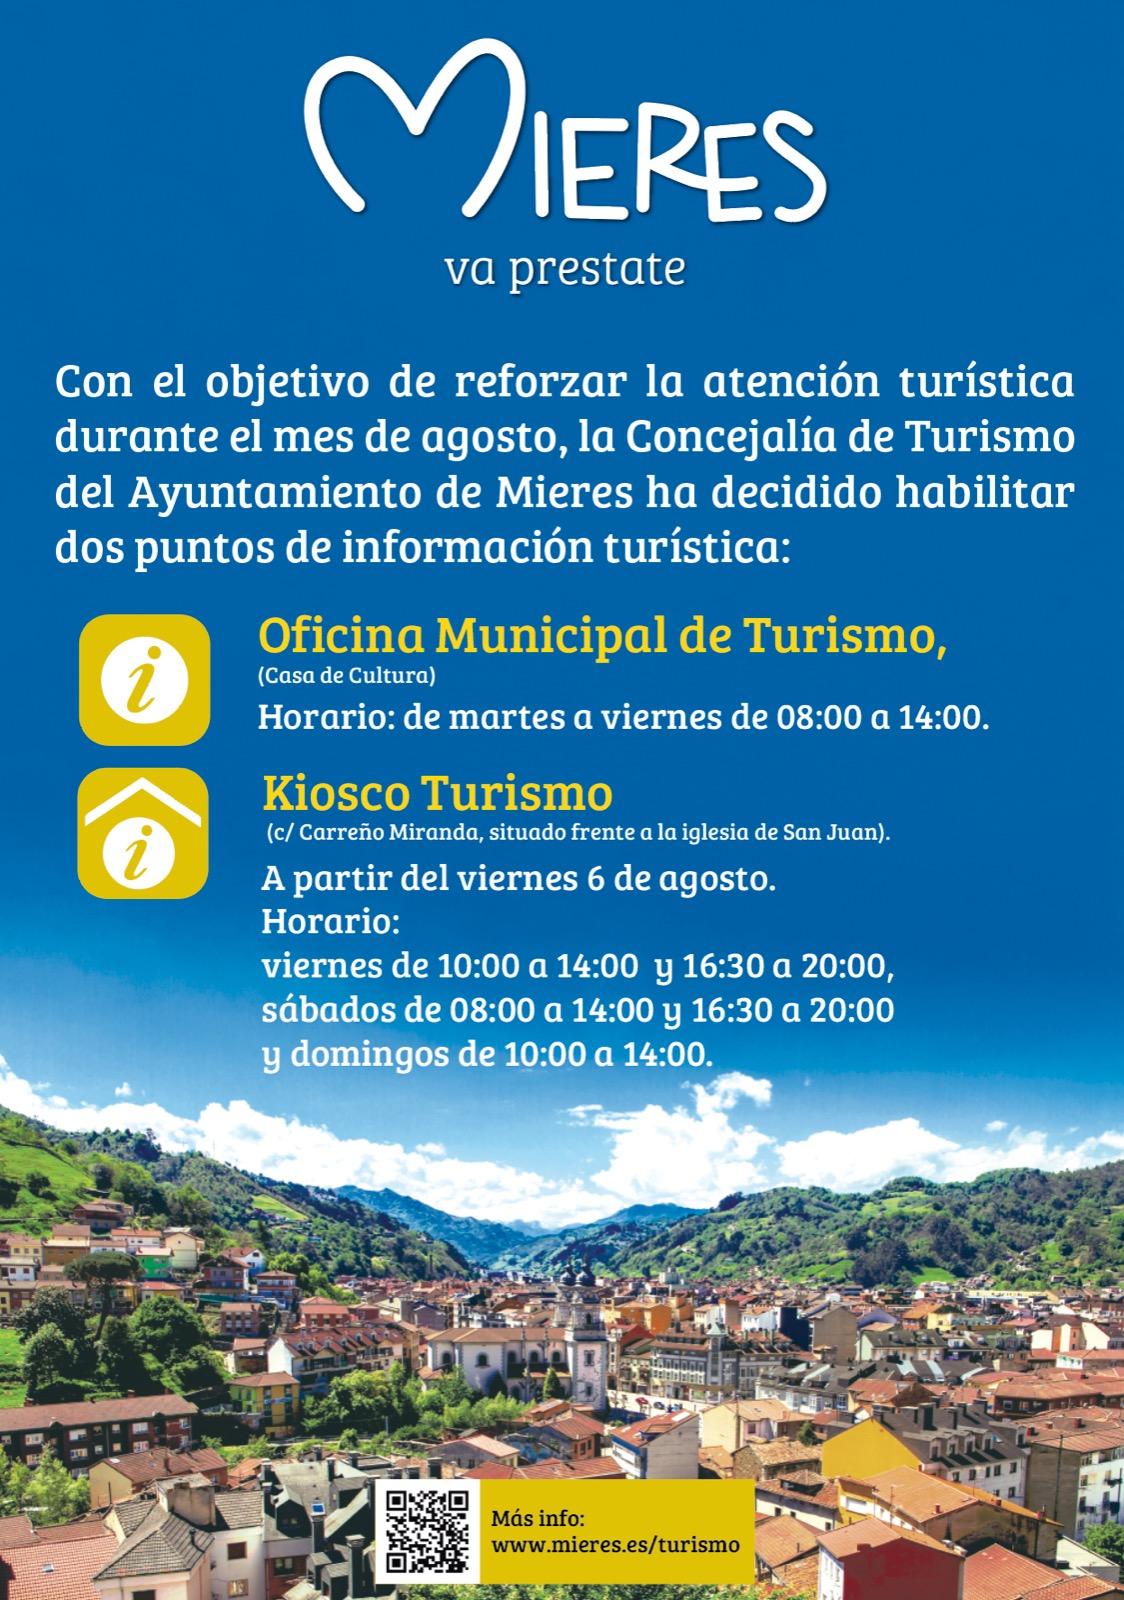 Mieres Va Prestate Horarios Oficina Turismo Agosto 2021